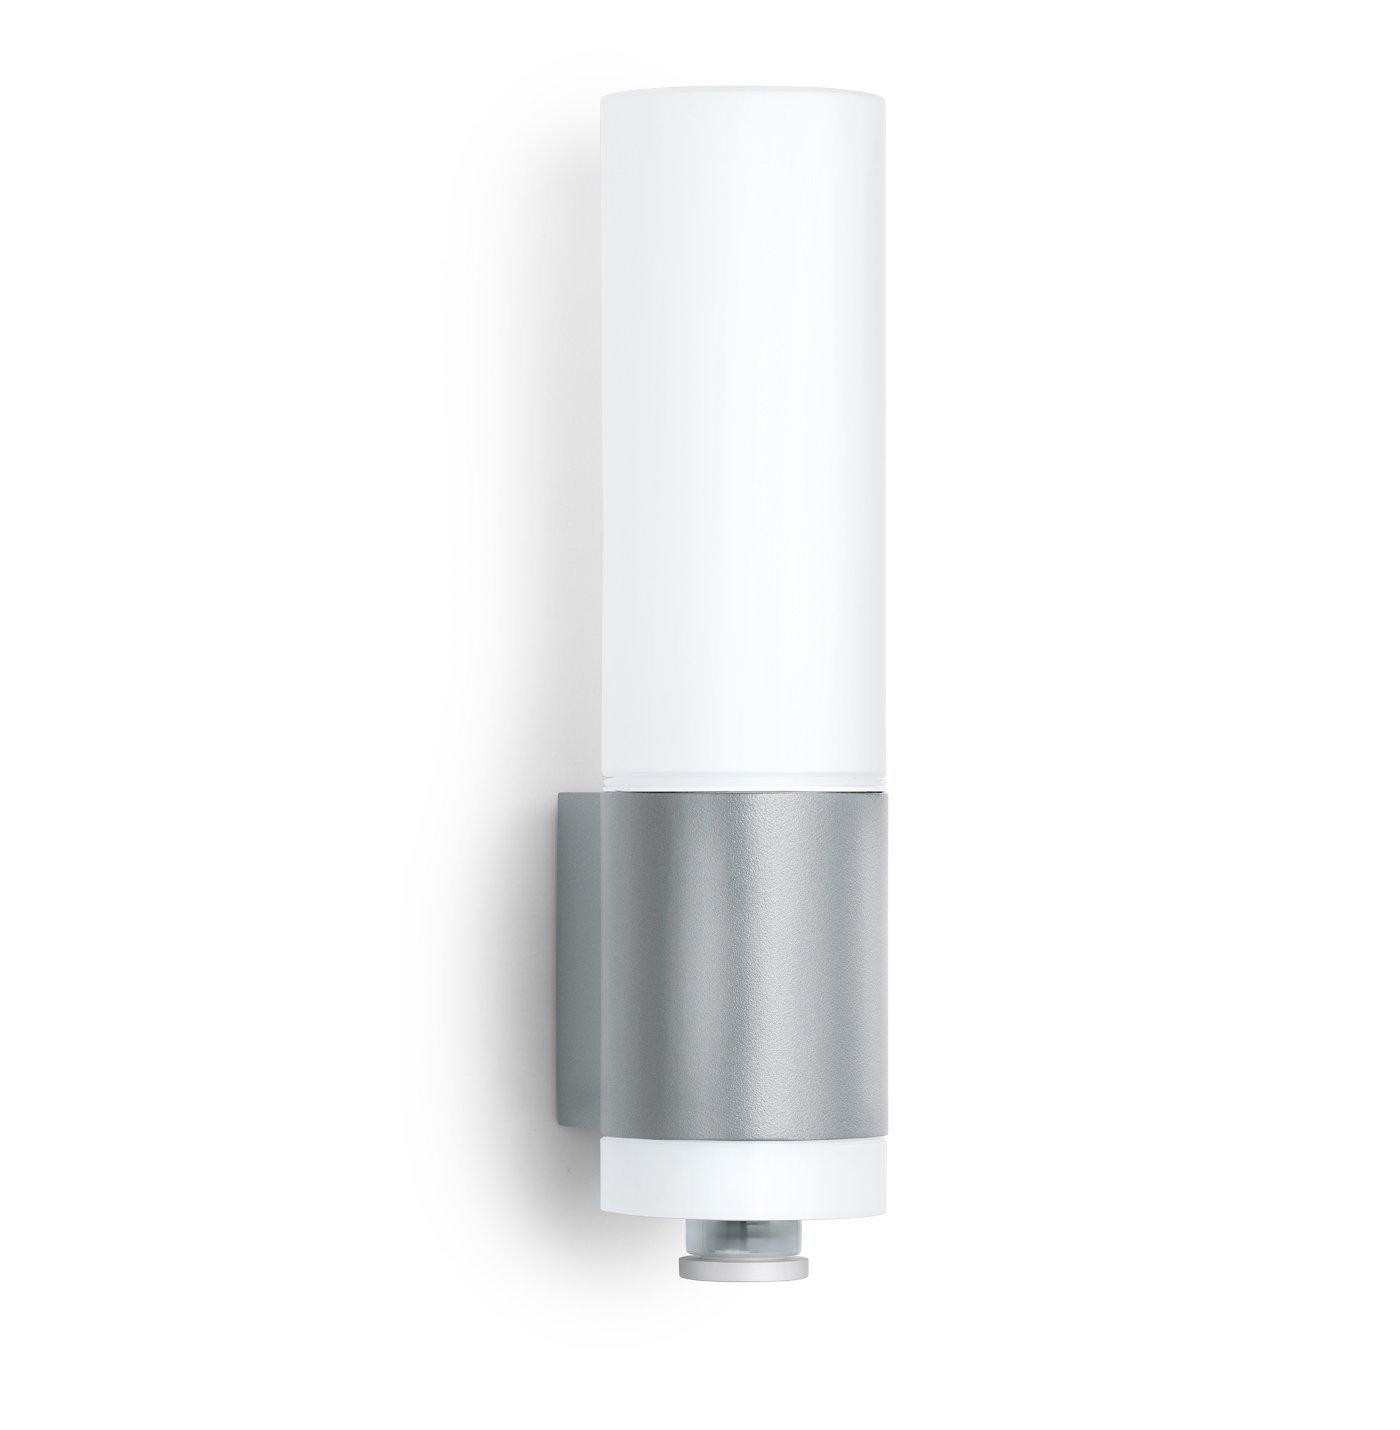 Sehr LED Außenleuchten mit Bewegungsmelder > Top 5 Angebote > VI75